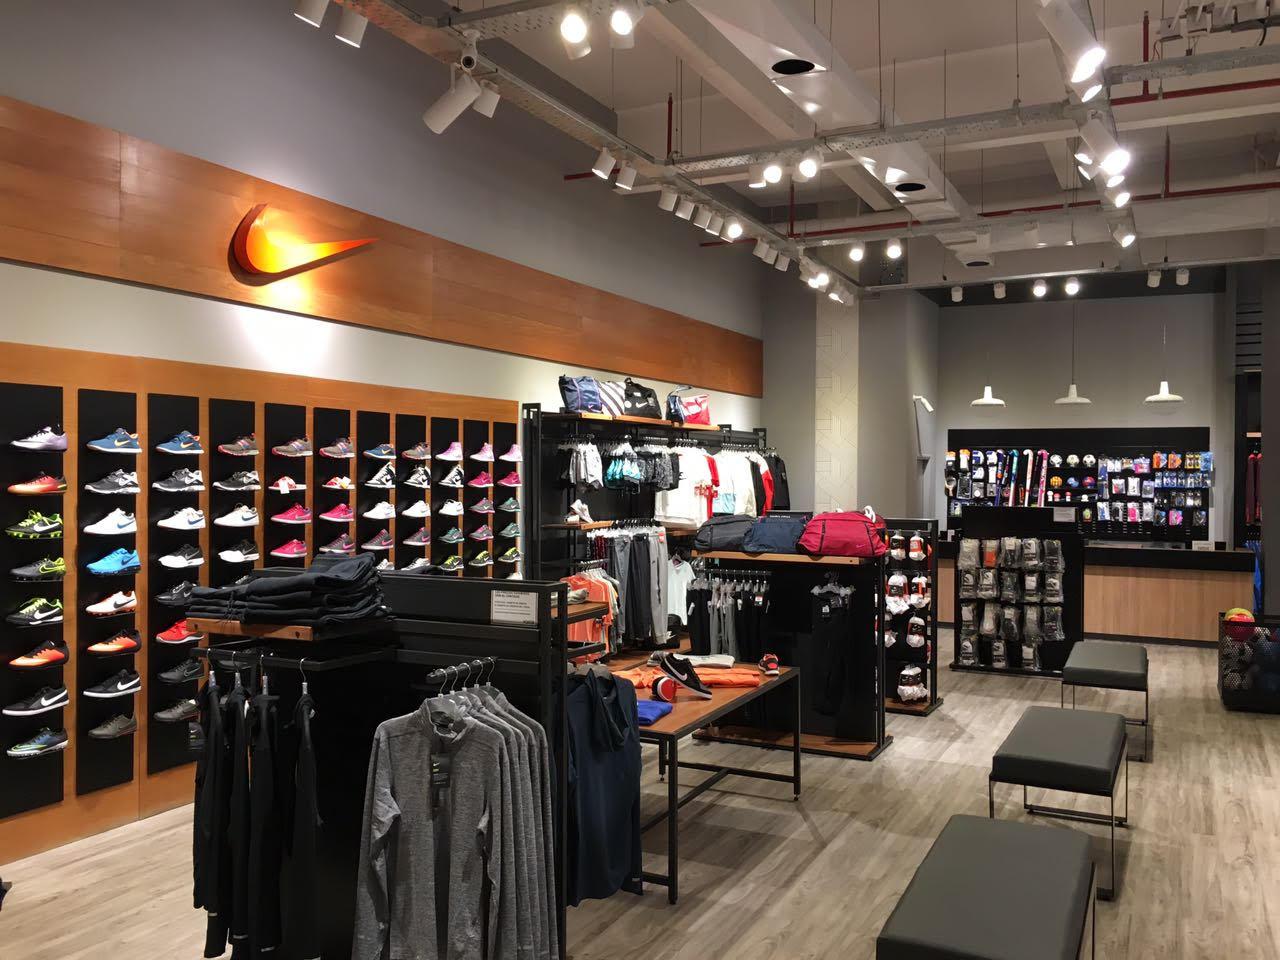 Nike Factory Store, Queretaro. K likes. Local Business. Las instalaciones muy bien, no tiene gran variedad de calzado y el que está es más para correr pero muy surtida en todo lo demás/5(22).